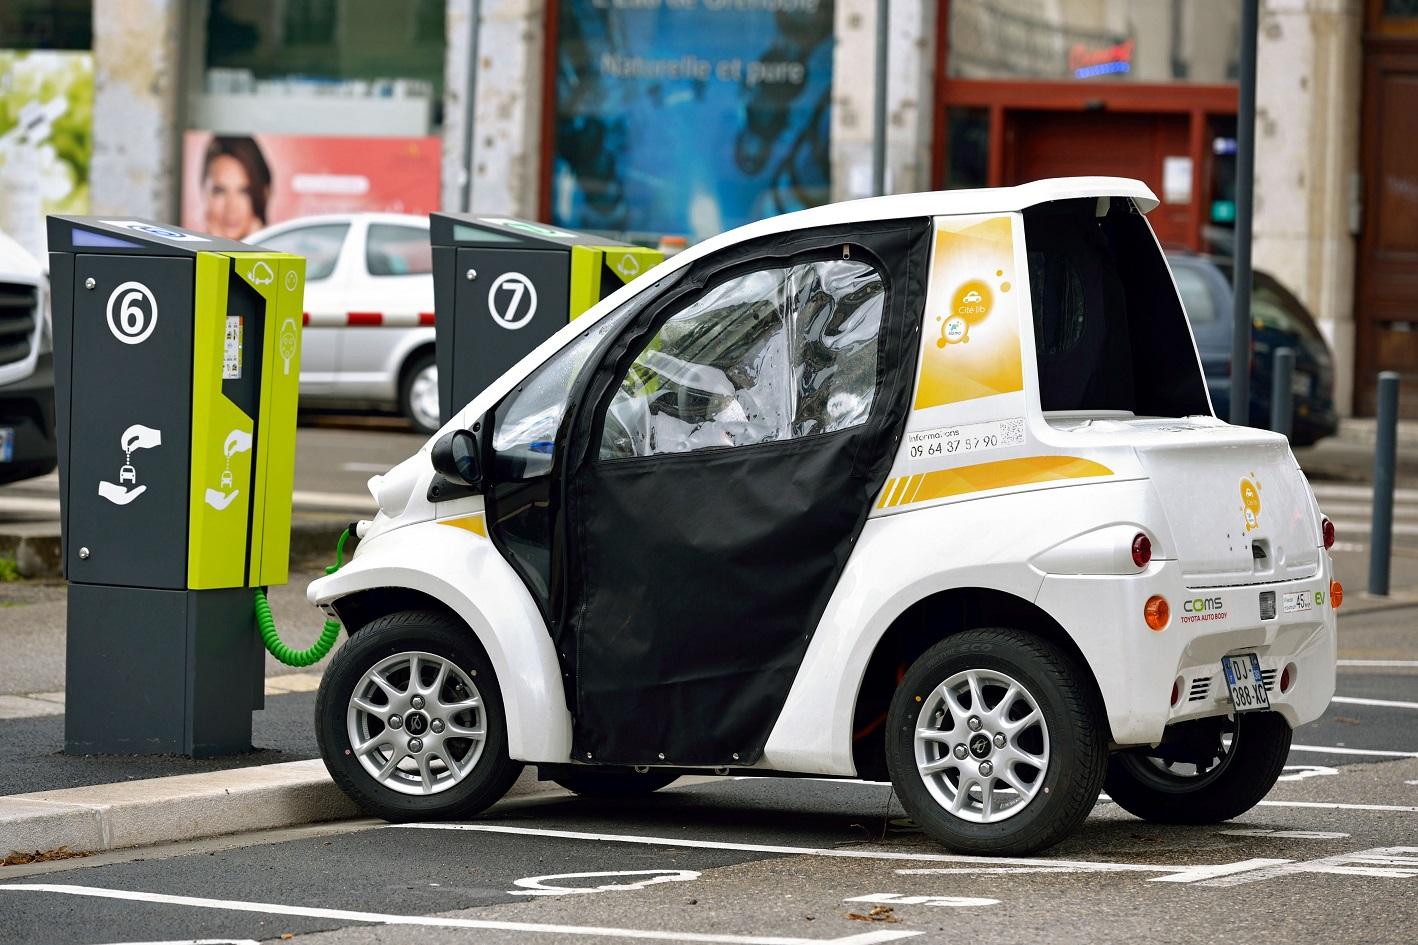 Em 2017, foram 1,2 milhões de veículos elétricos vendidos. no mundo. Foto PHILIPPE ROYER / ONLY FRANCE